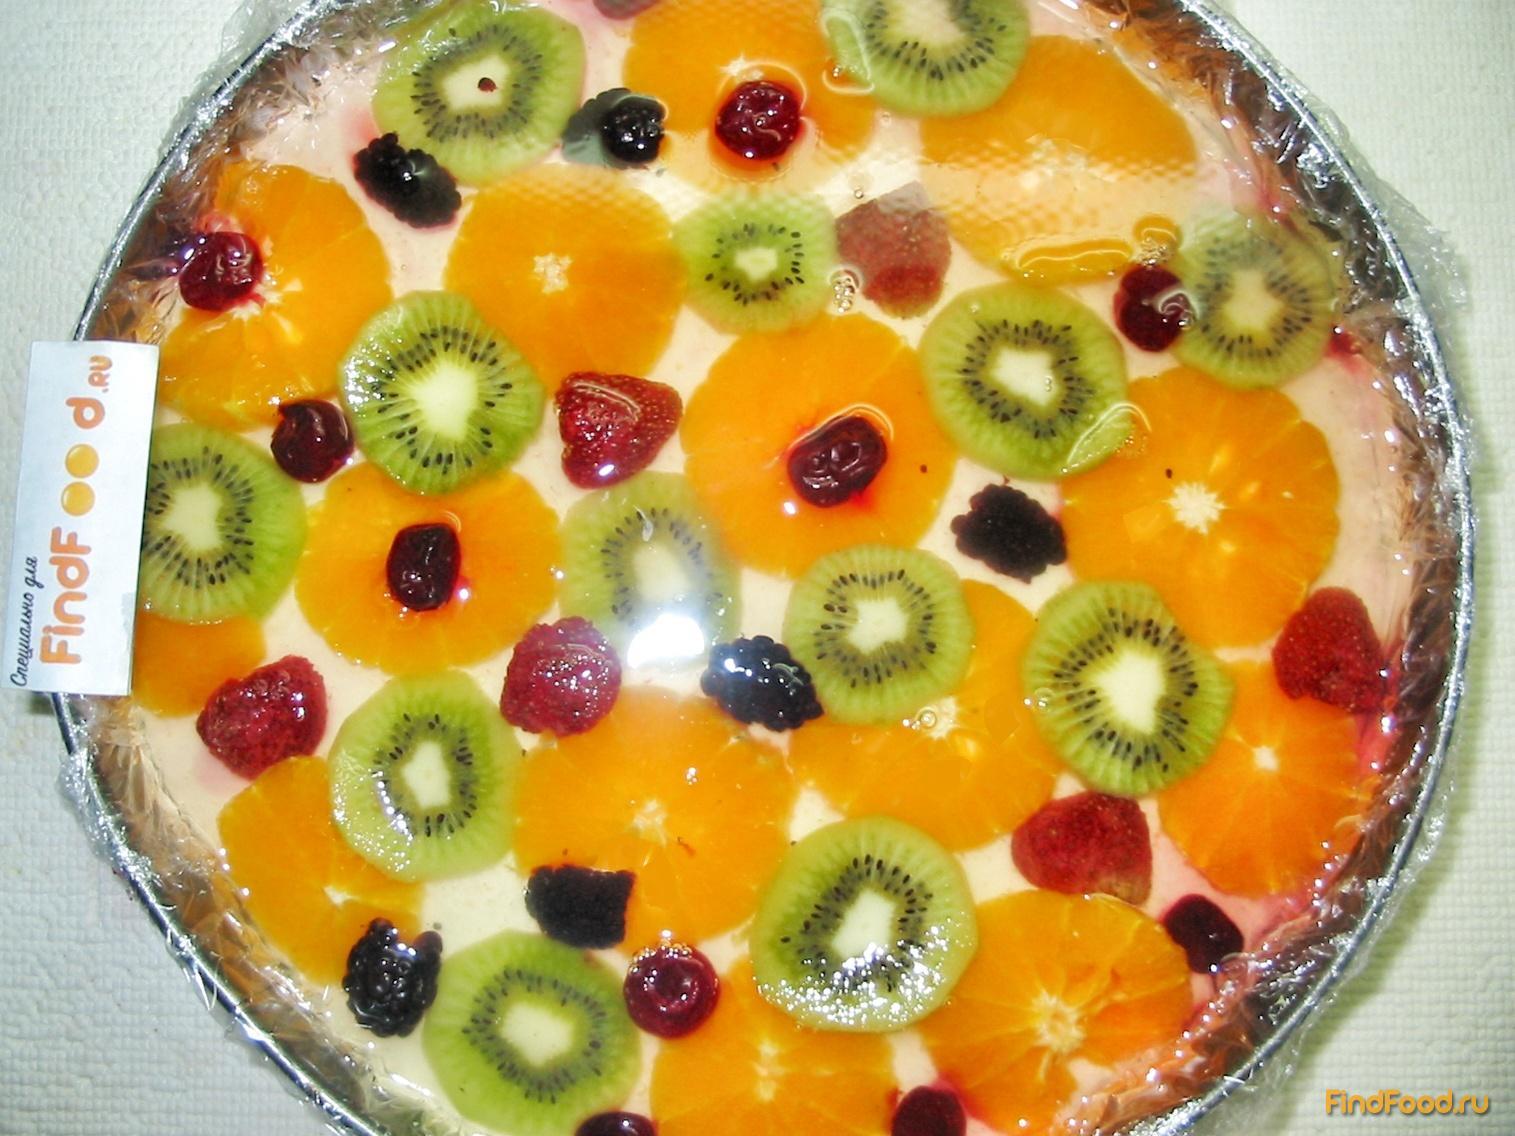 торт из фруктов рецепт с фото